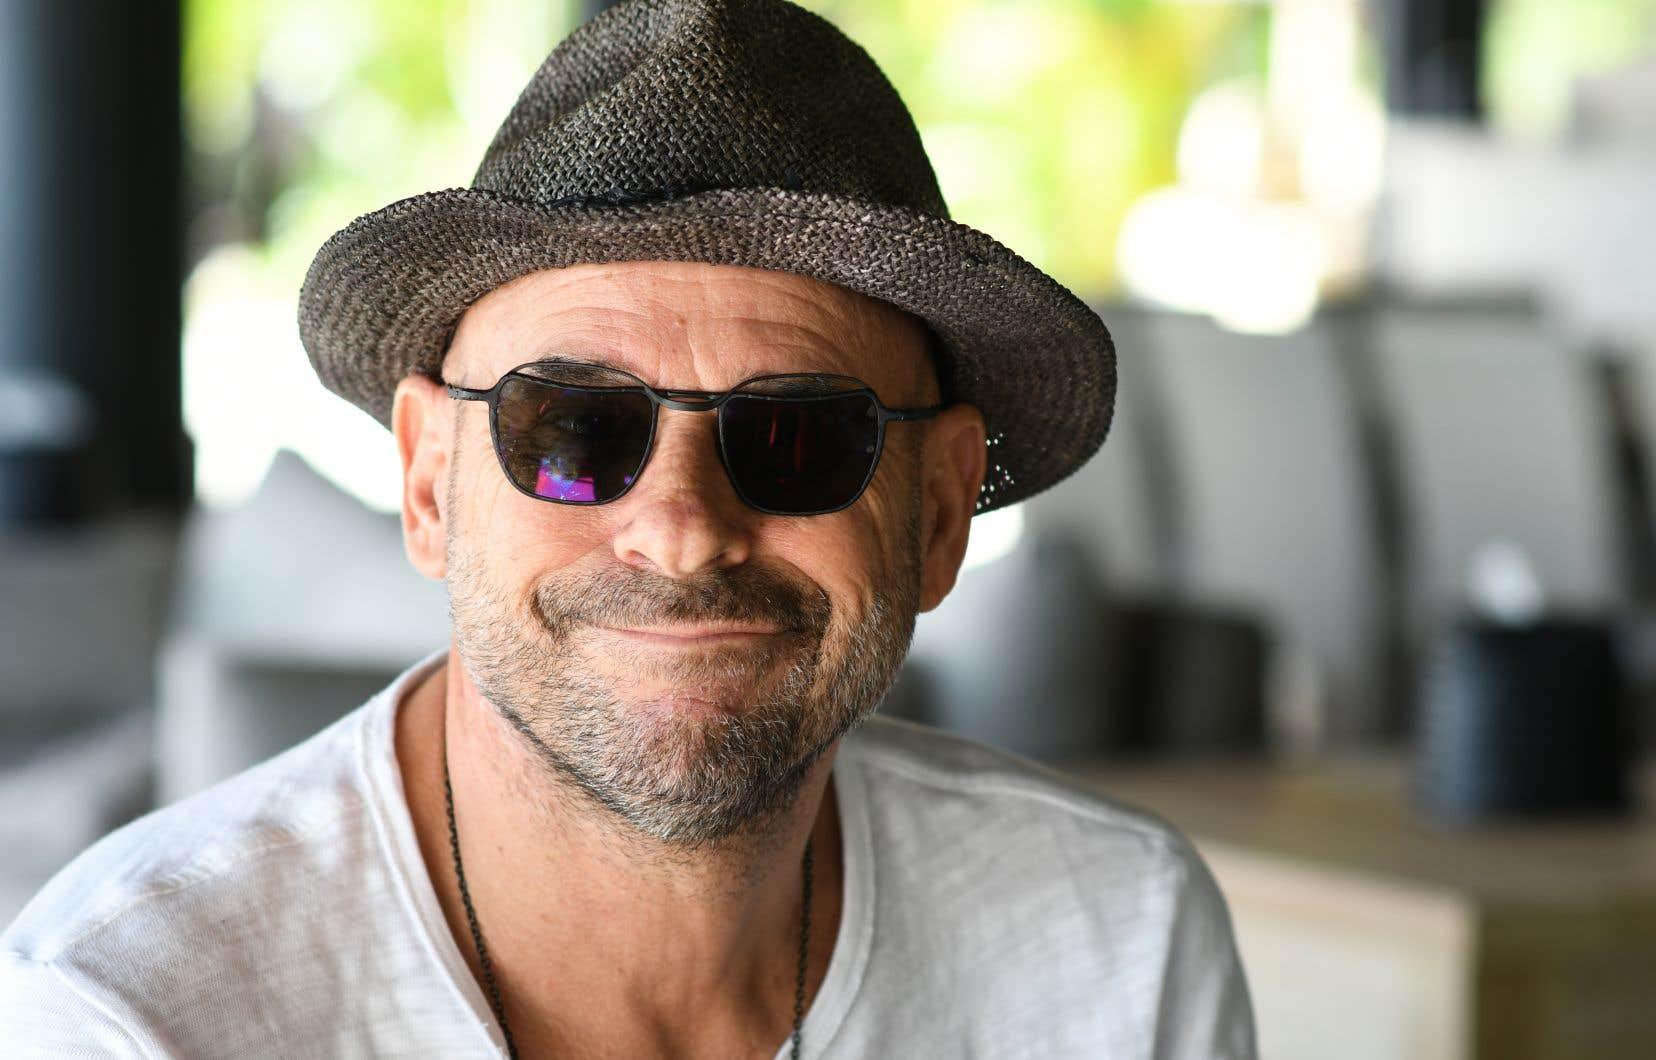 DJ Guy Laliberté, qui a fait danser les foules de New York et d'Ibiza dans les dernières années, sera autrès populaire festival Coachella cette année.